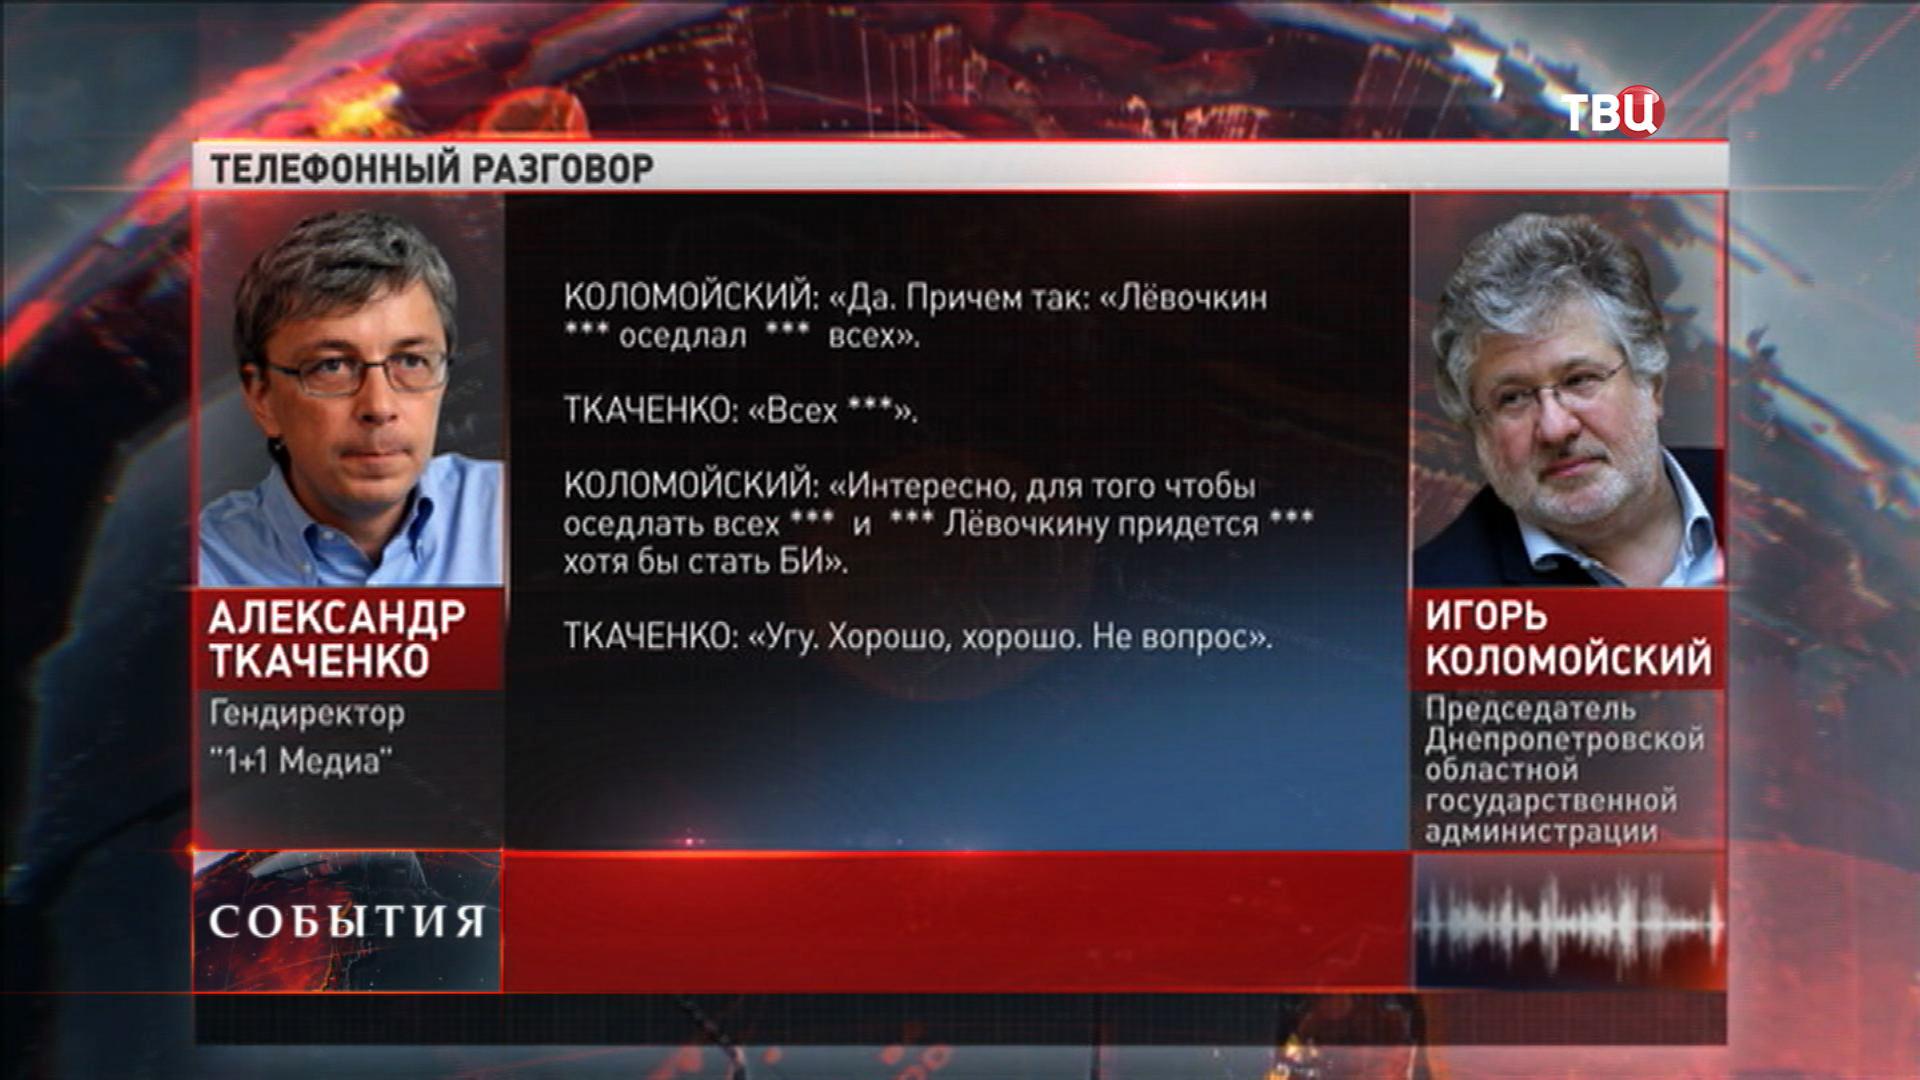 Телефонный разговор Александра Ткаченко и Игоря Коломойского